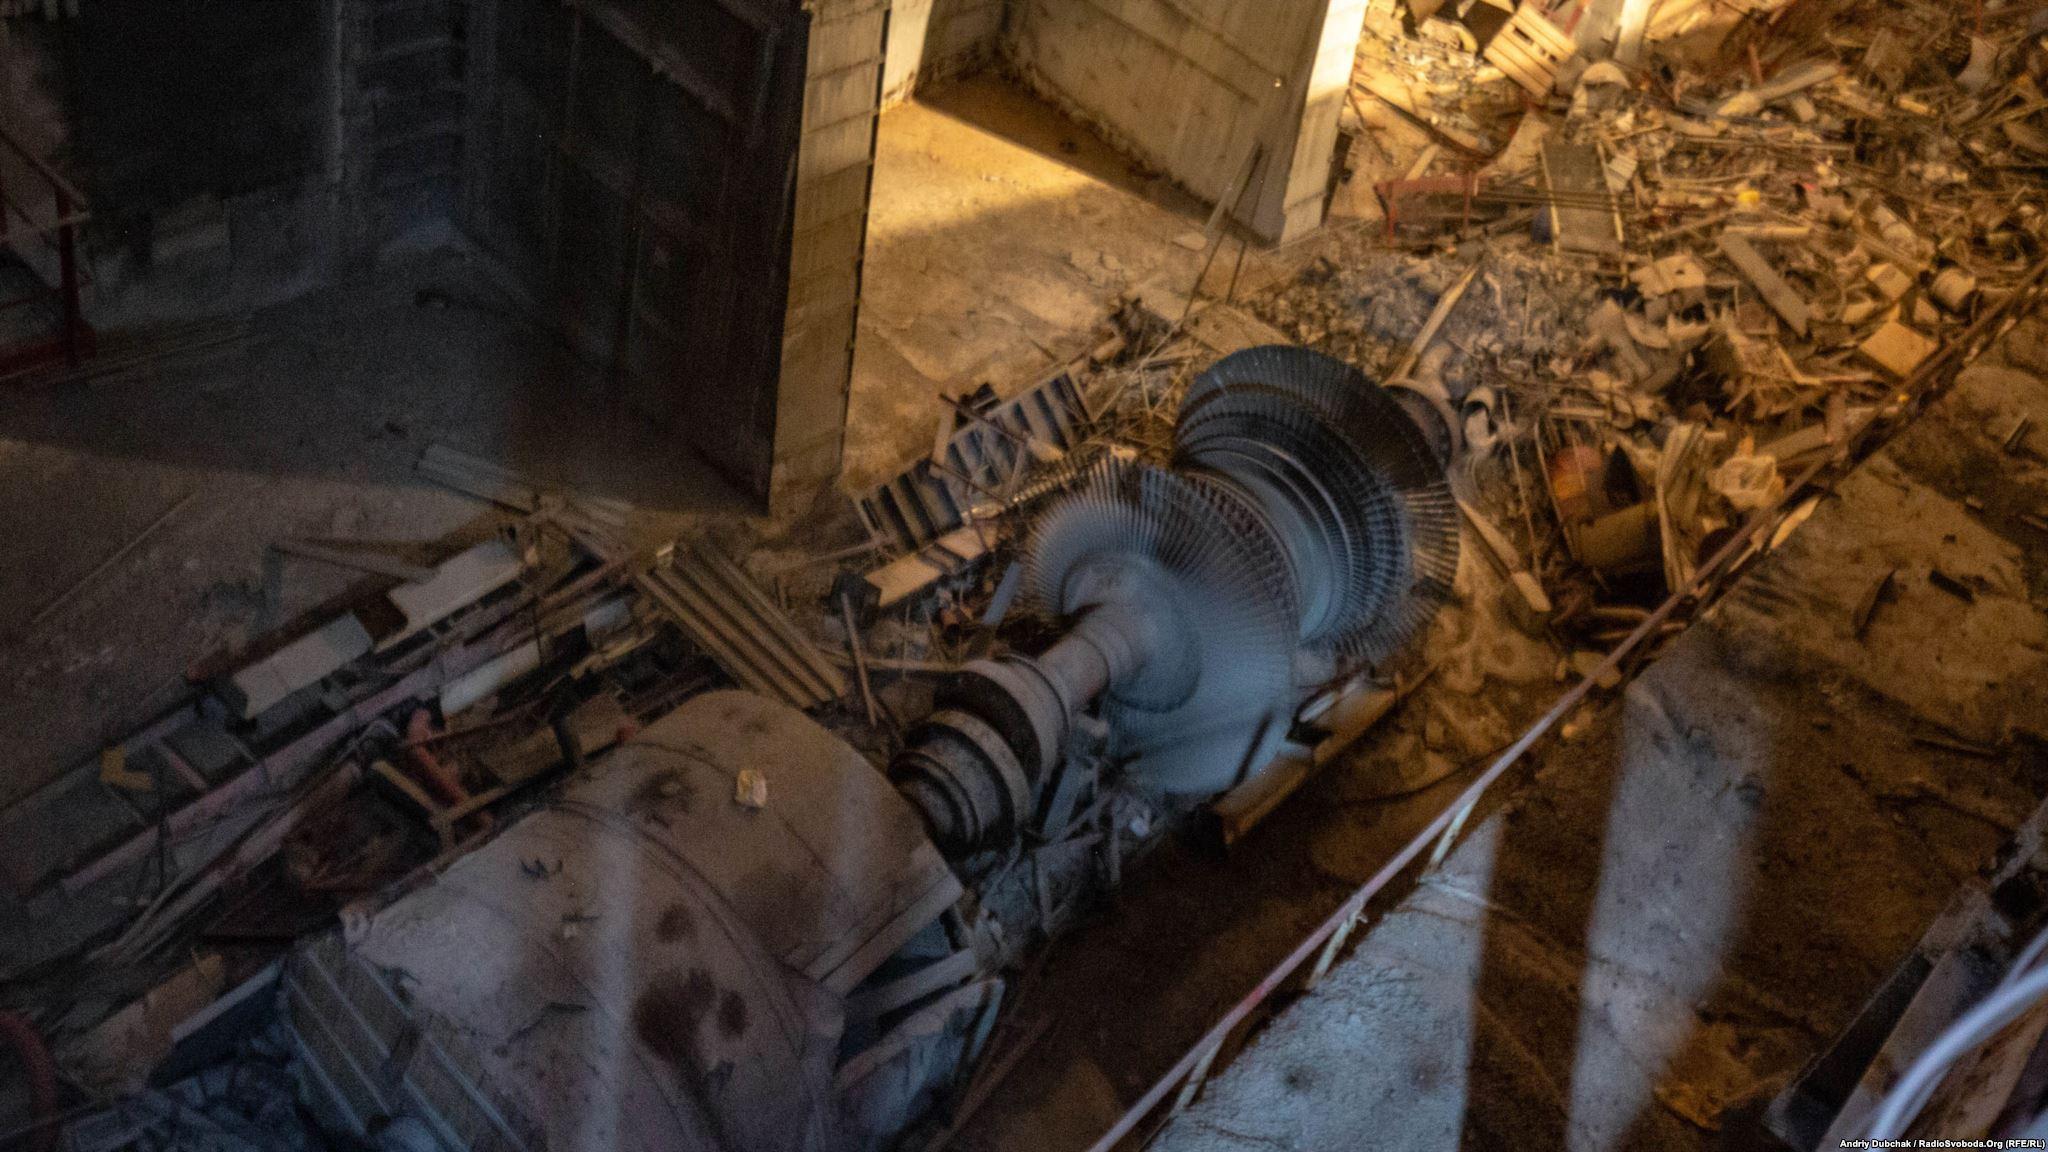 Восьма турбіна. Раніше вона виробляла електроенергію від четвертого енергоблоку ЧАЕС. Зараз вона «виробляє» лише радіаційне випромінювання (Photographer: Andriy Dubchak)